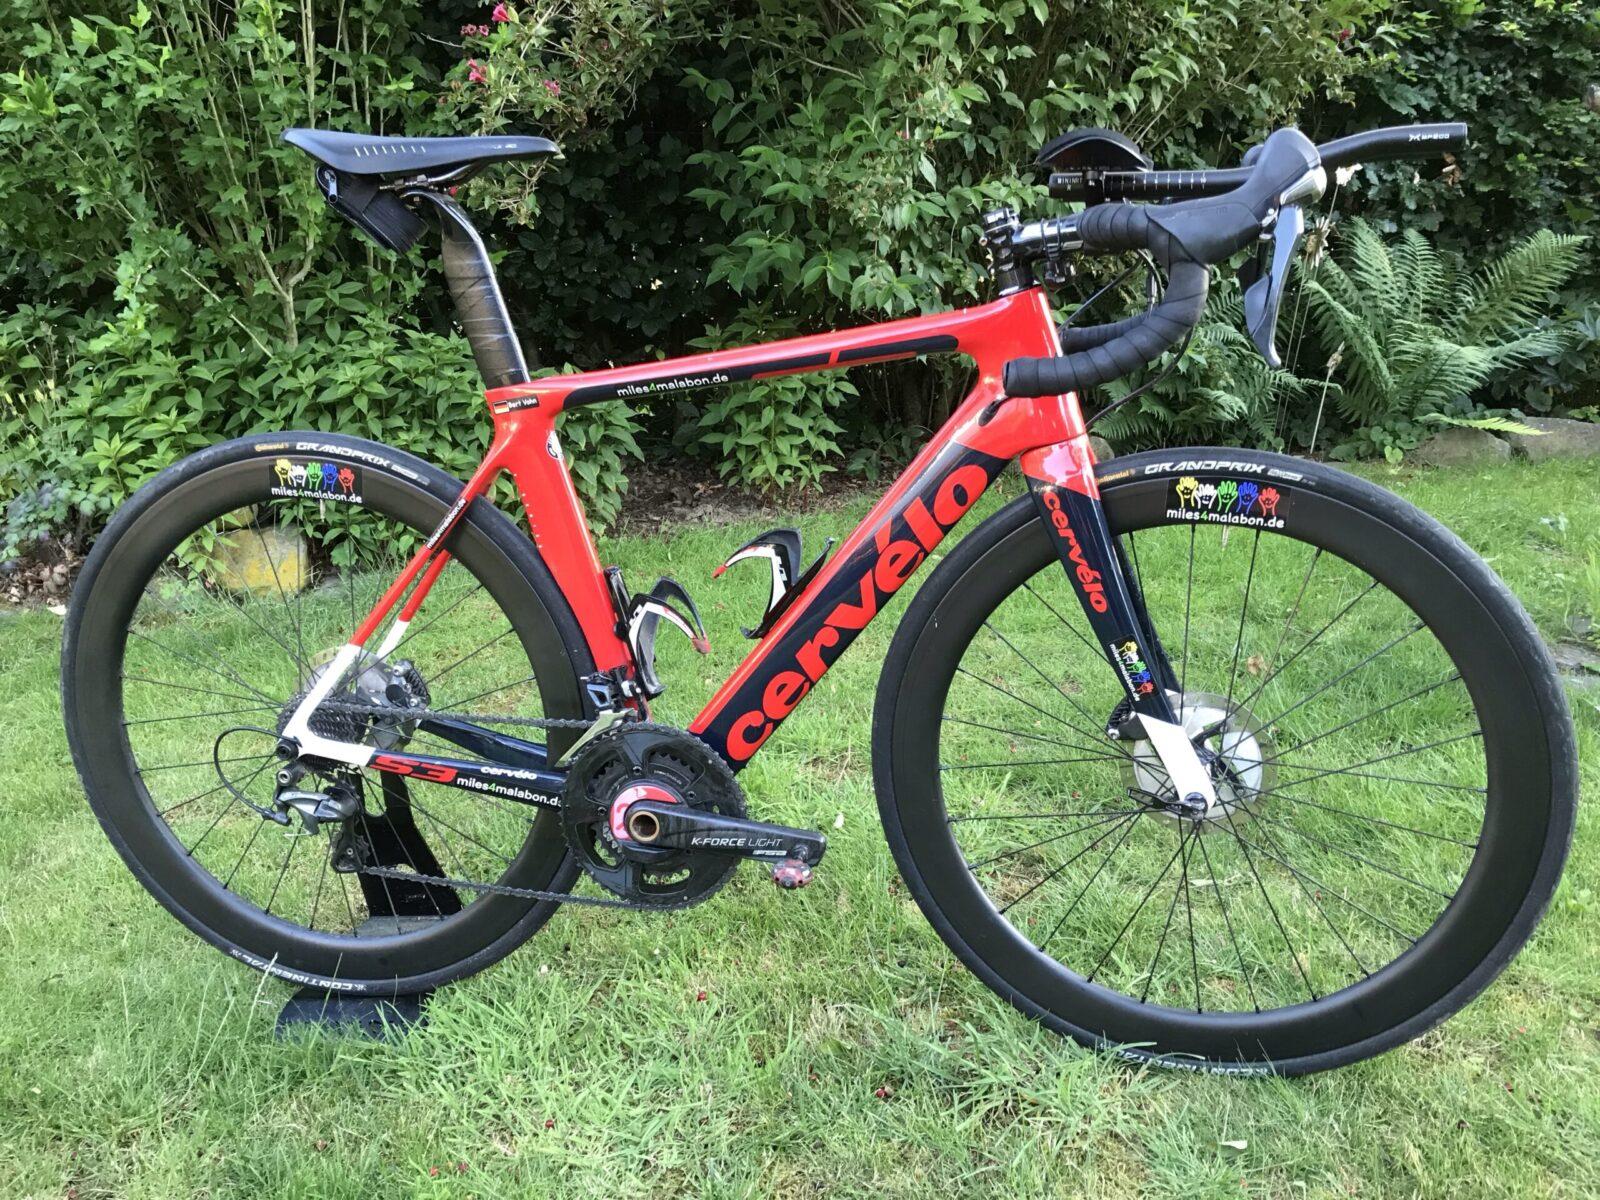 The bike…